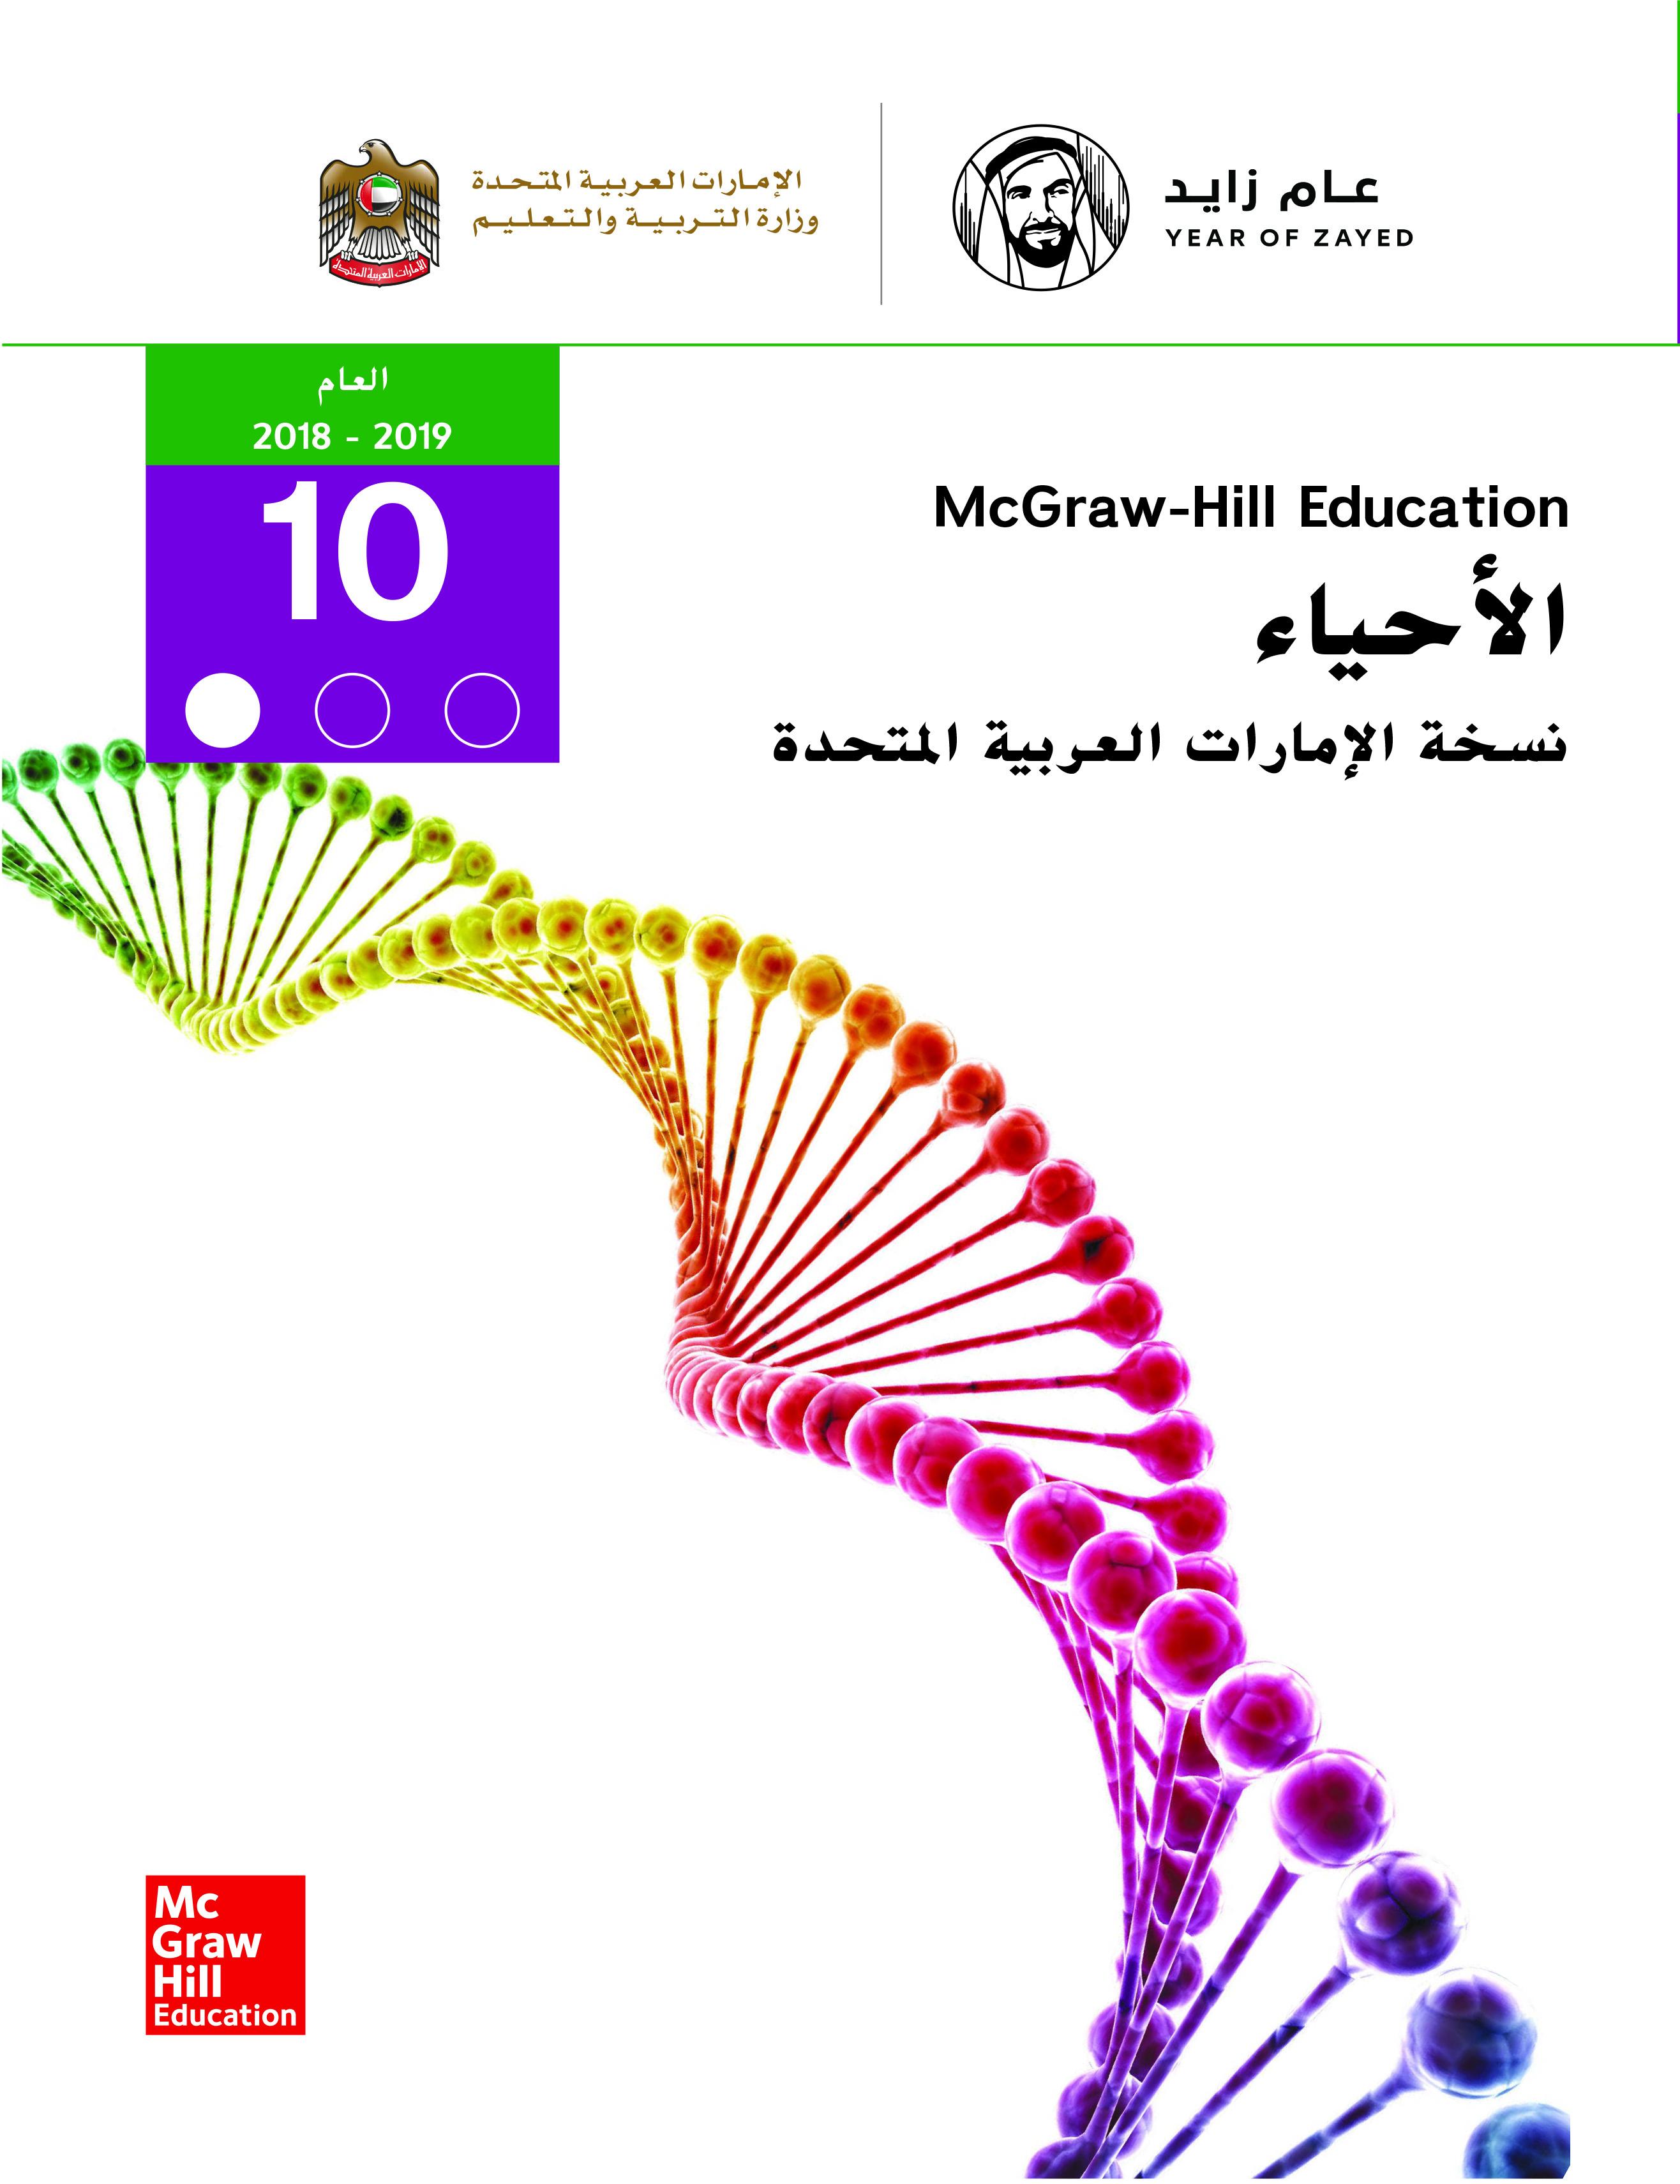 علوم الحياة - كتاب الطالب - الصف العاشر العام  - الجزء الأول